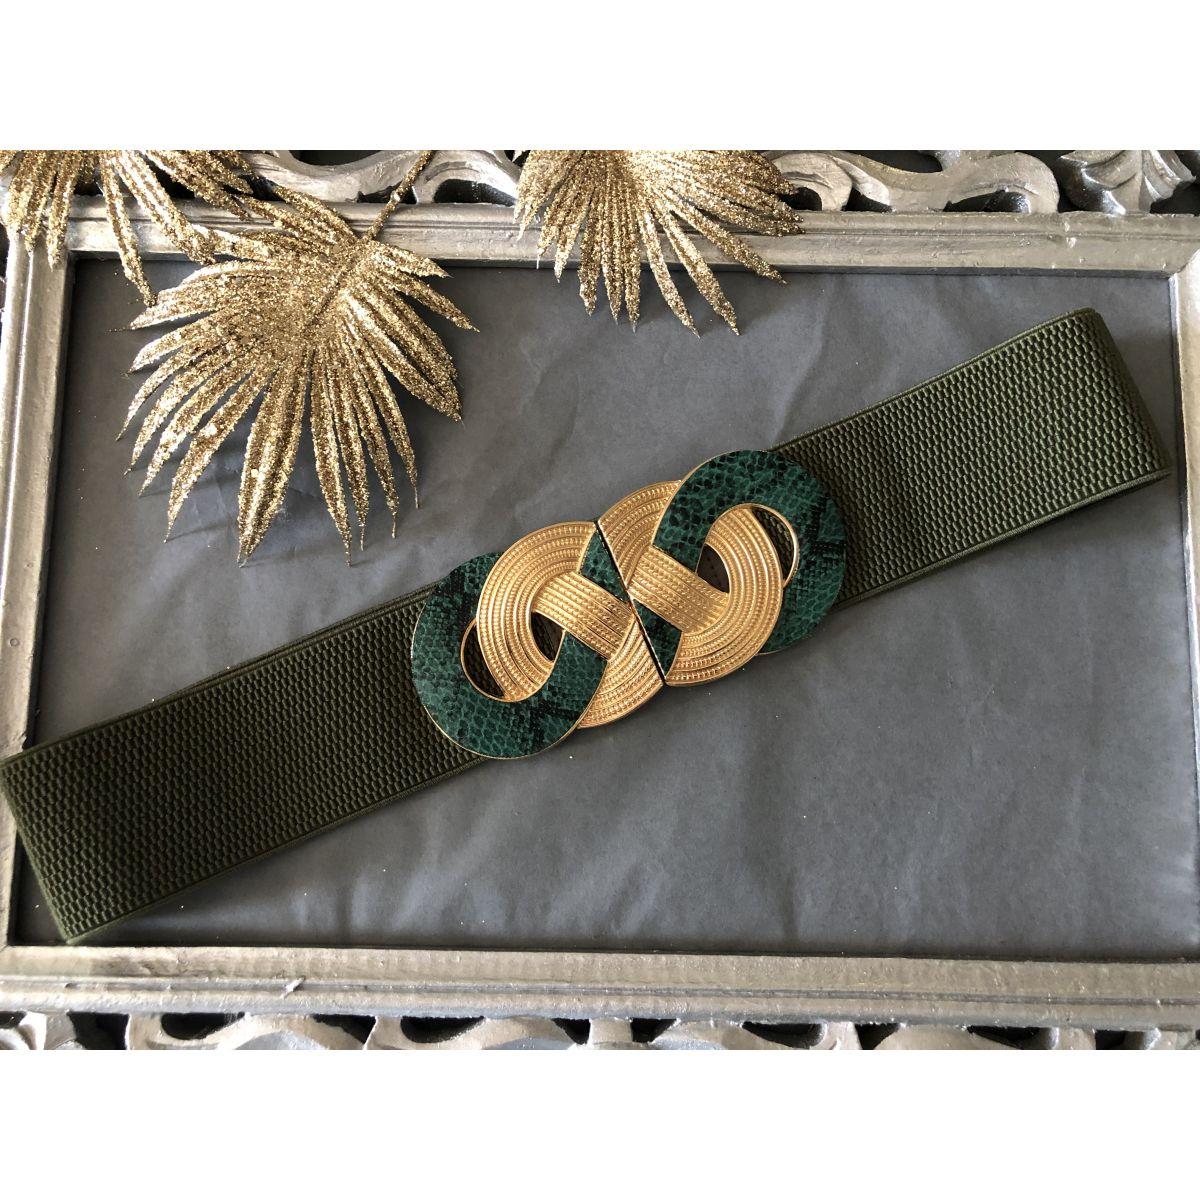 Ceinture élastique verte boucle anneaux vert-gold